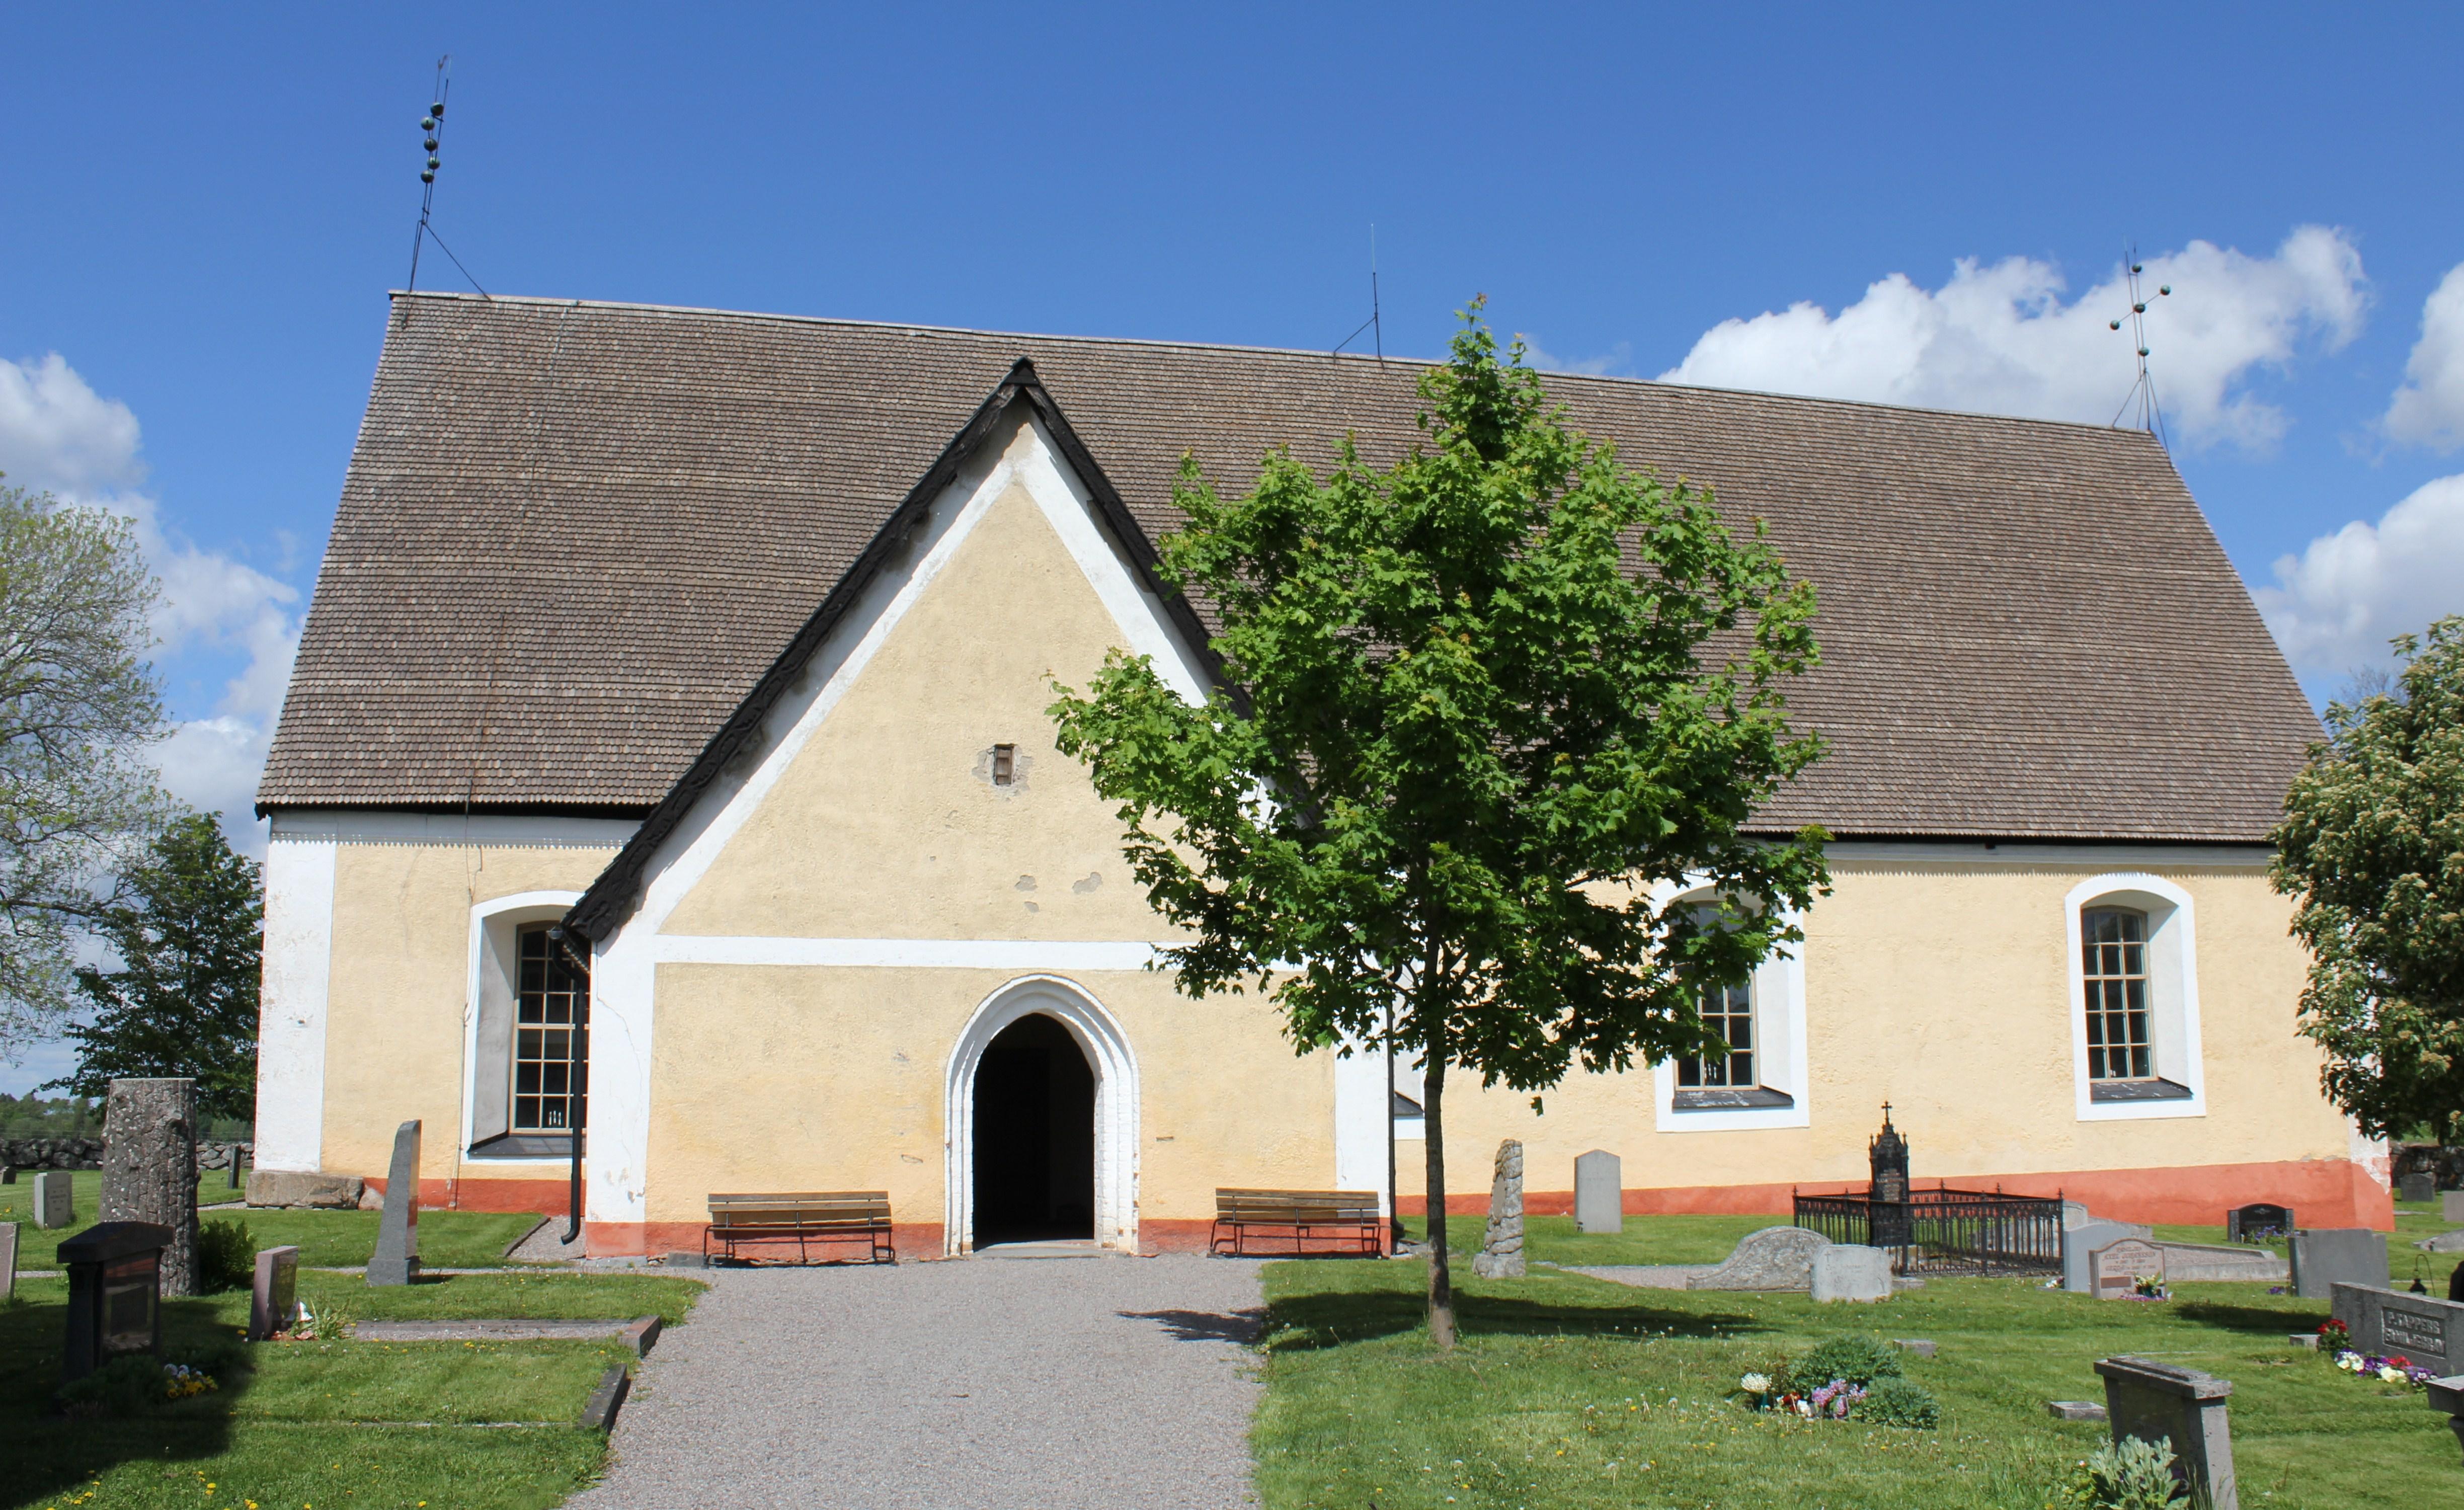 Arkeologisk schaktningsvervakning, Boglsa kyrka, Boglsa